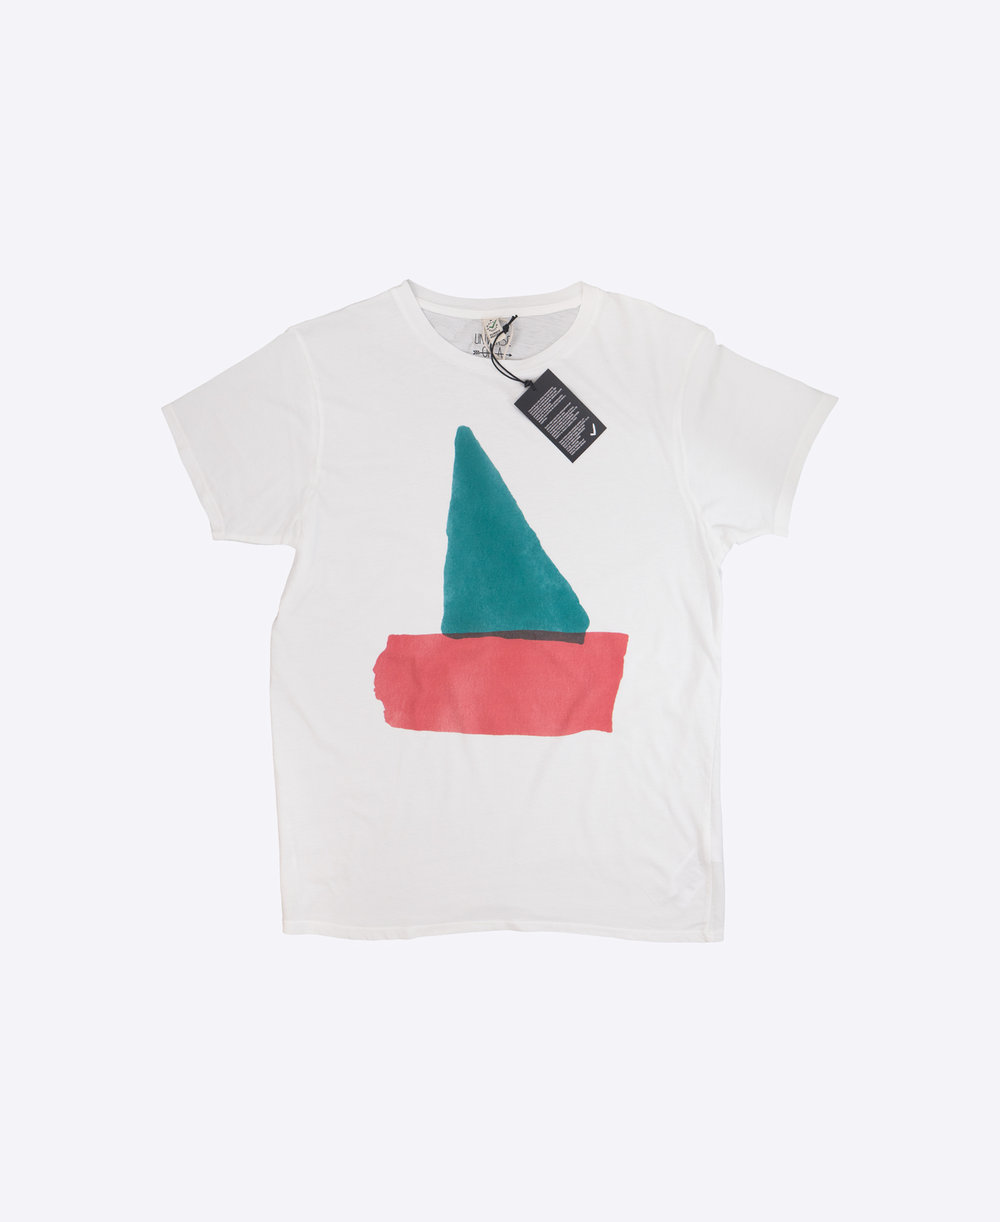 bootje-white-t-shirt.jpg